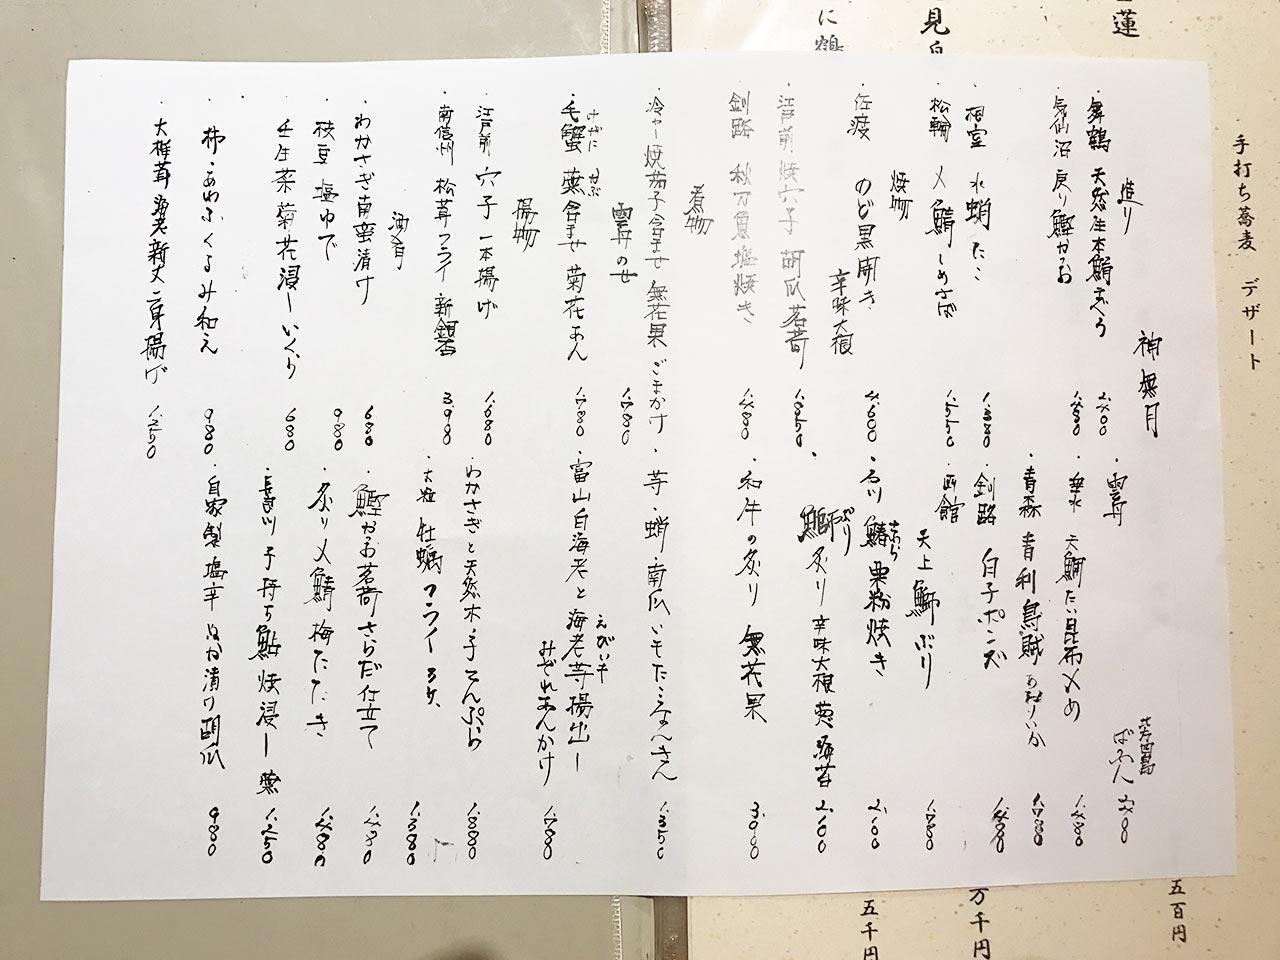 musashikoyama-kurata-201610-menu01